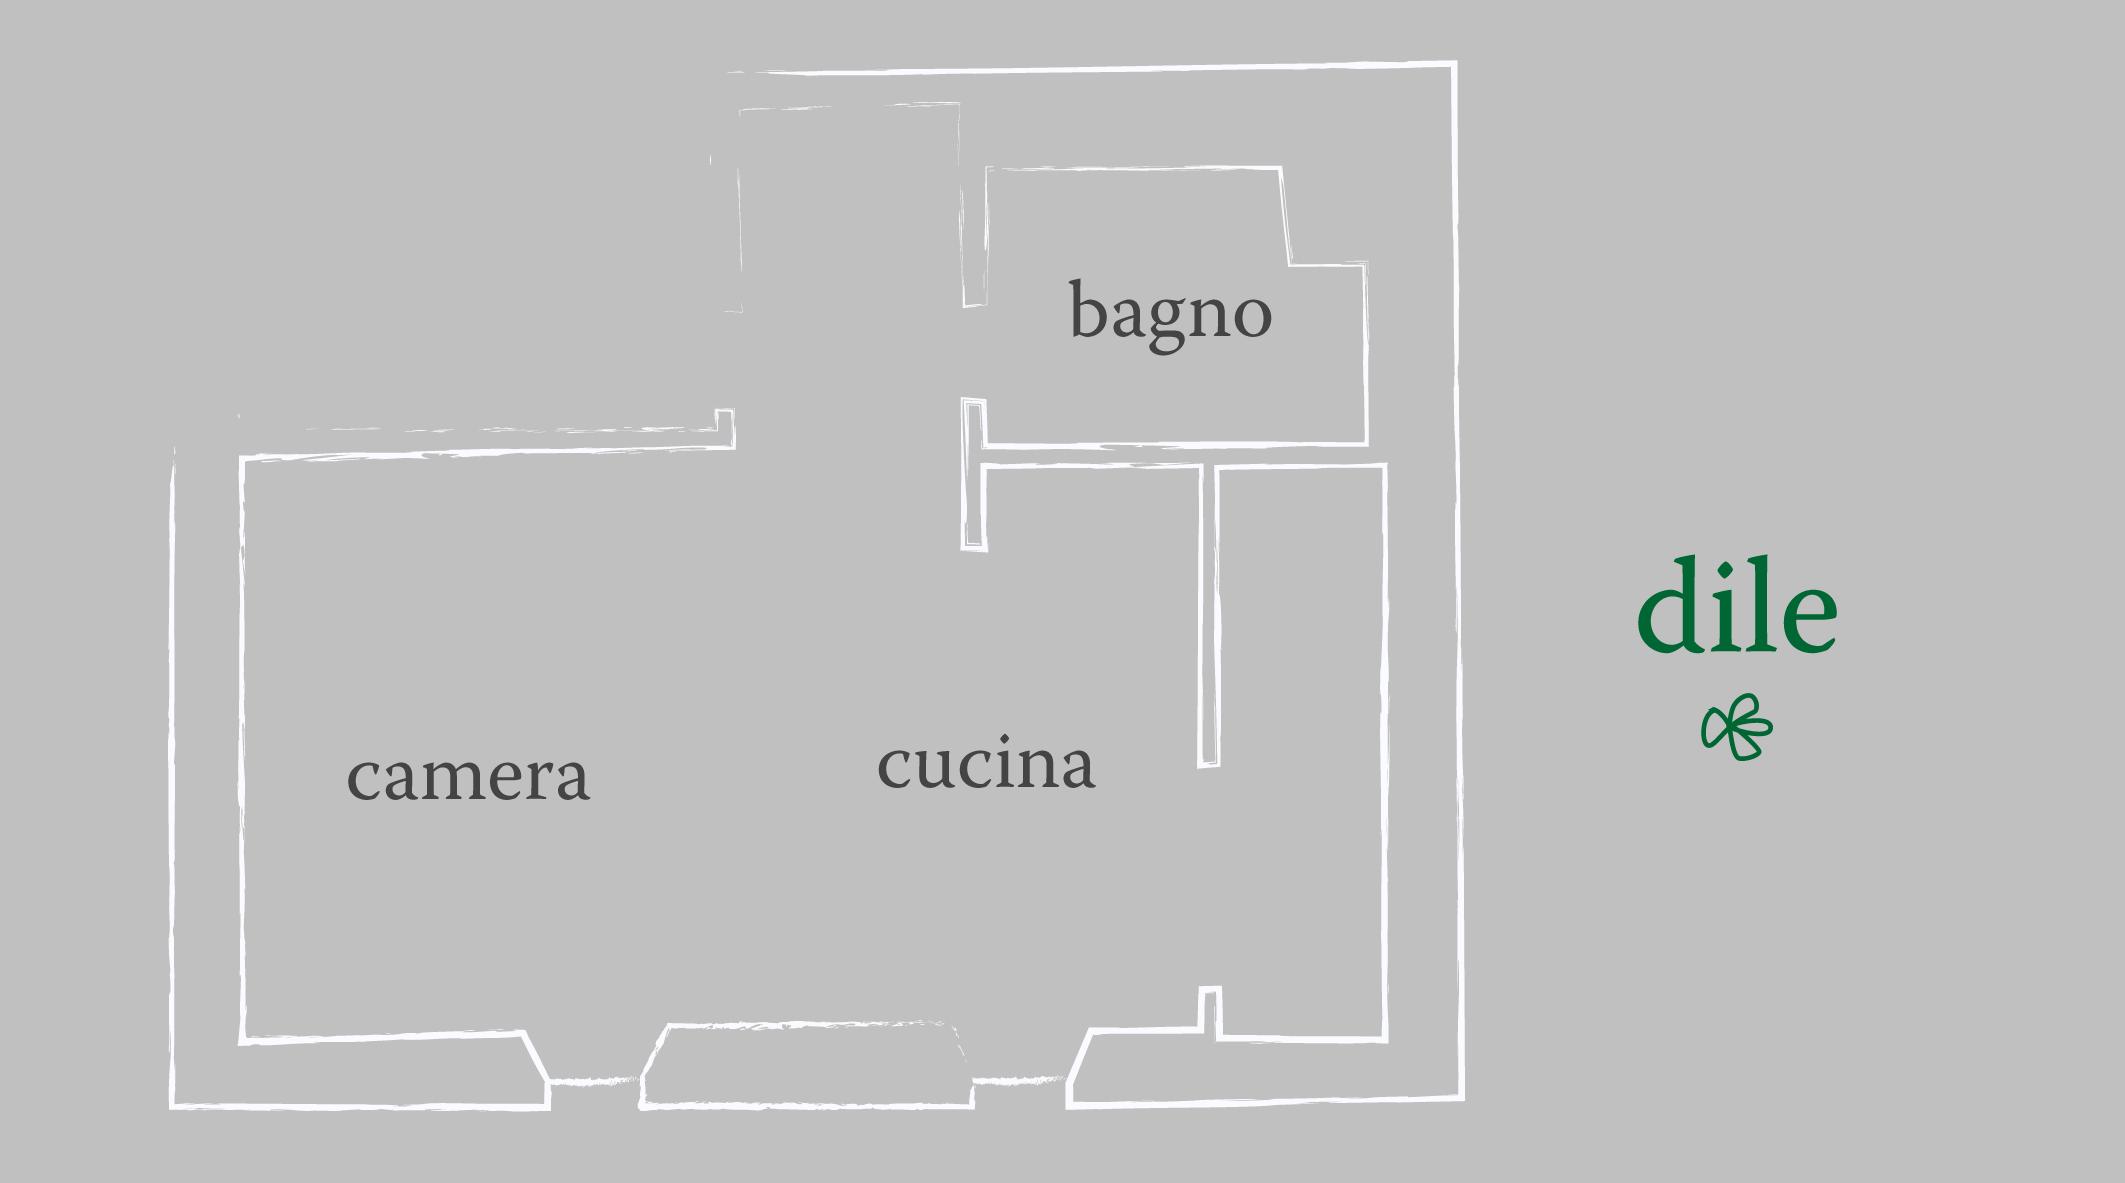 Mappe_appartamenti-01